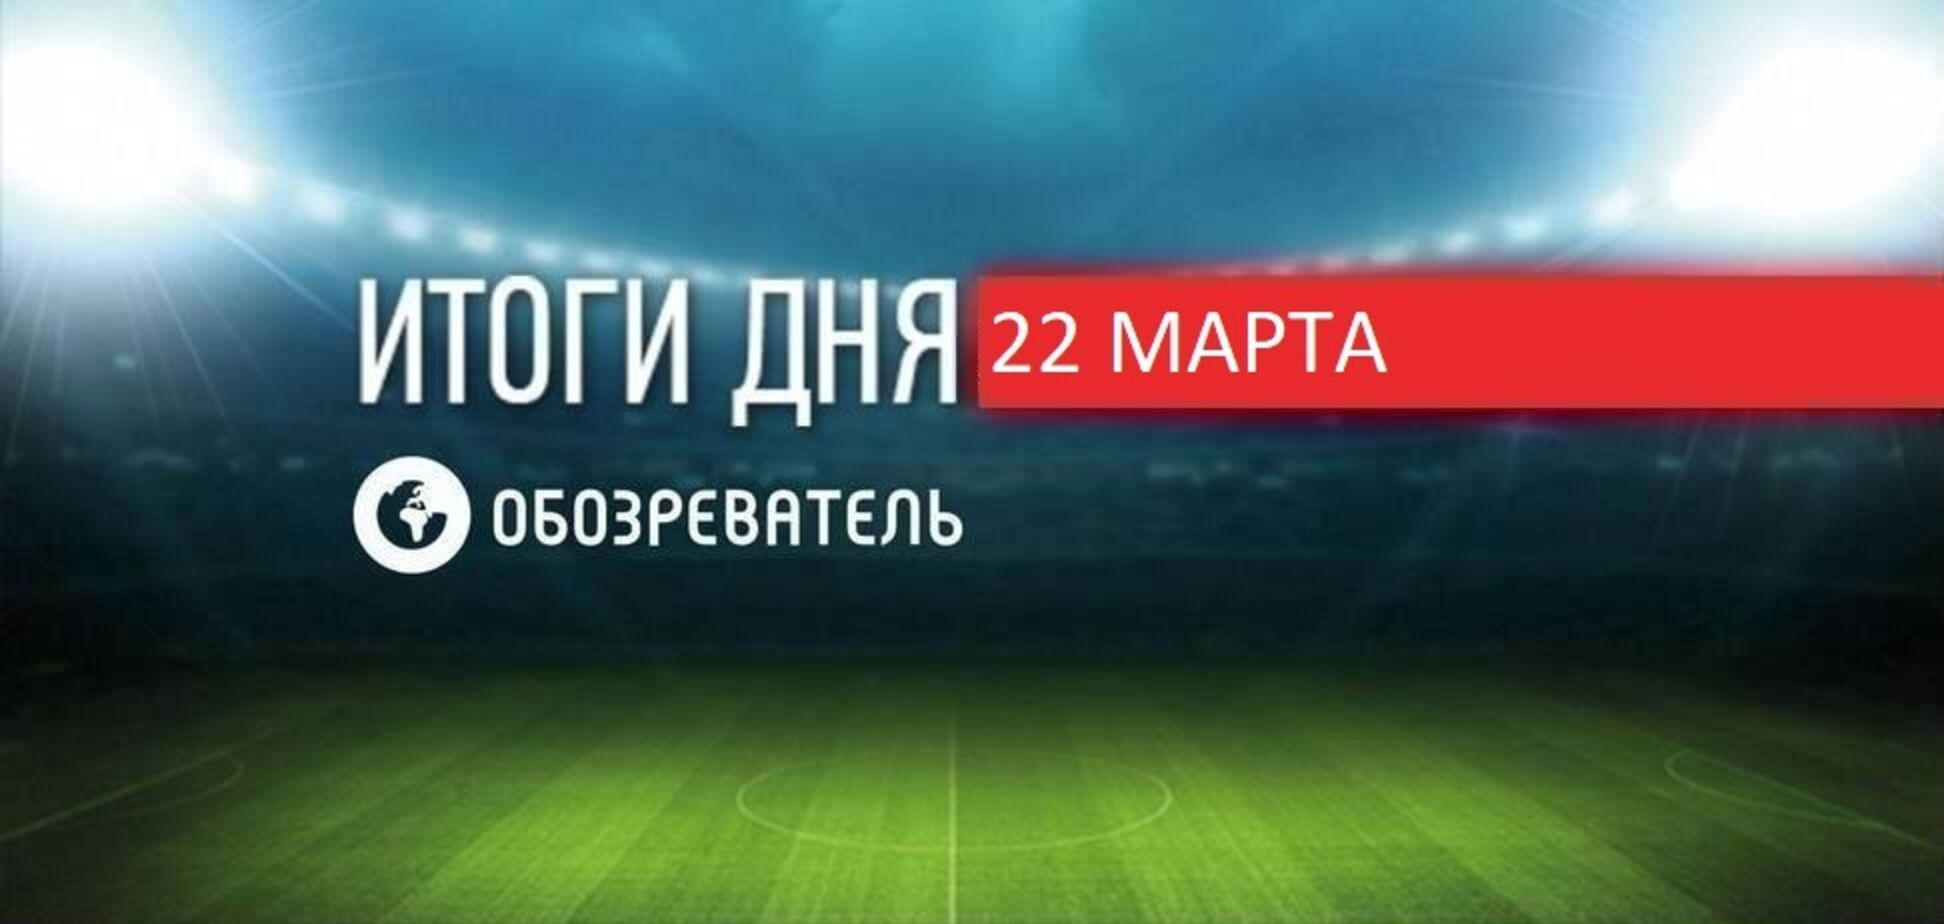 Новости спорта 22 марта: Шевченко отреагировал на решение суда по матчу Швейцария – Украина